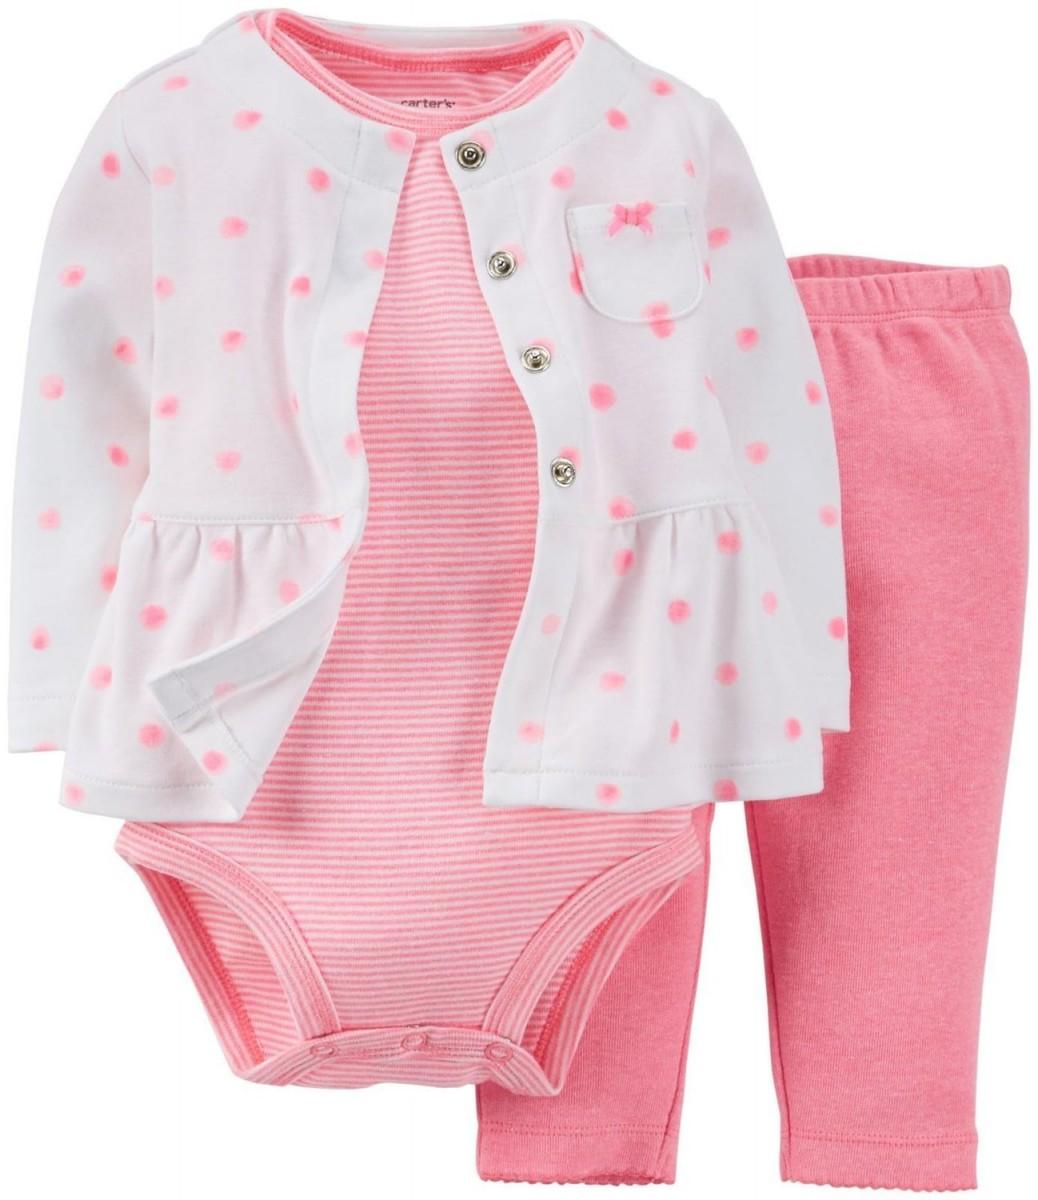 Комплект Carter's Pink Dots кофточка, боди и штаны для девочки, 12 мес